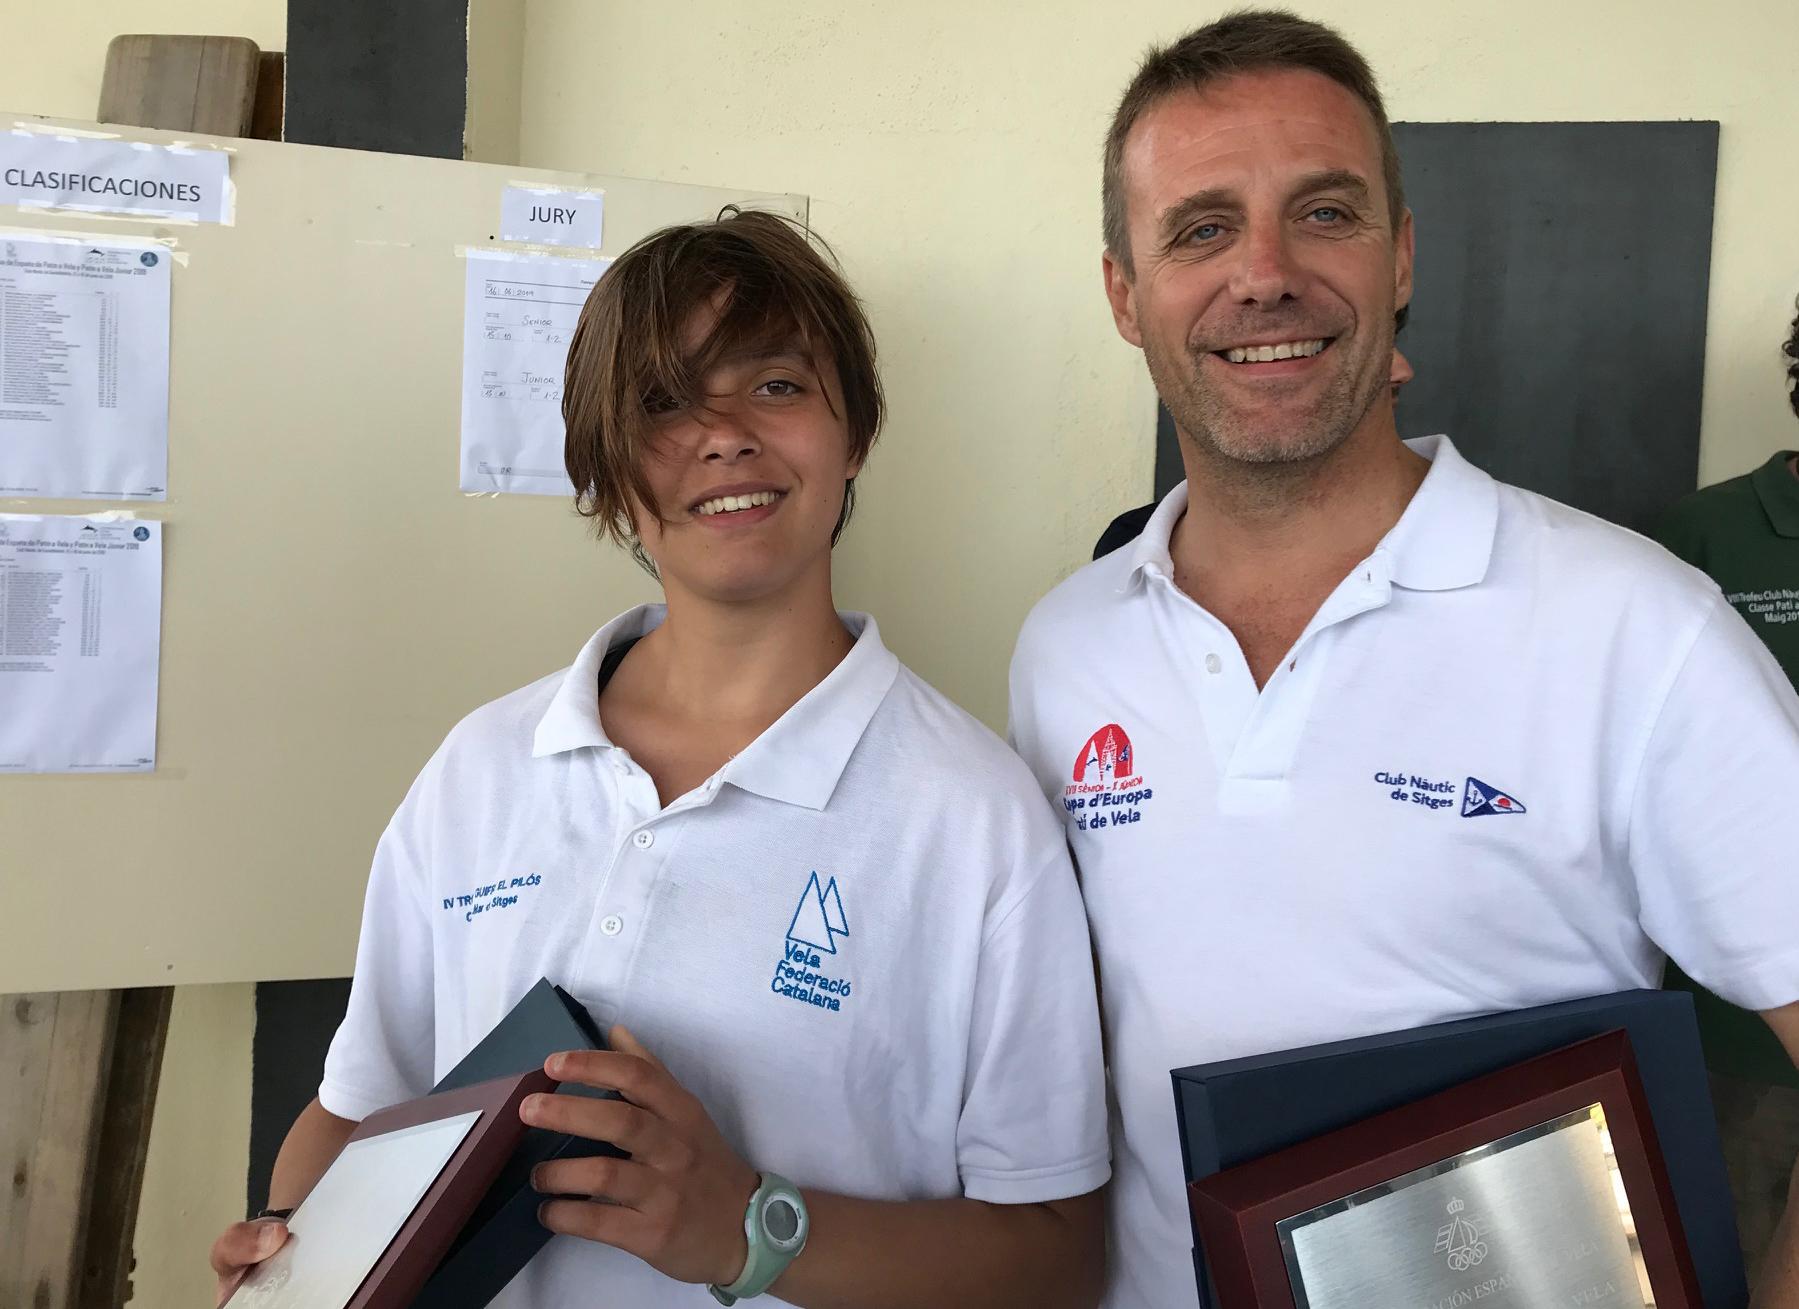 Albert Batlleriá y Zoa Masana ganadores de la Copa de España 2019